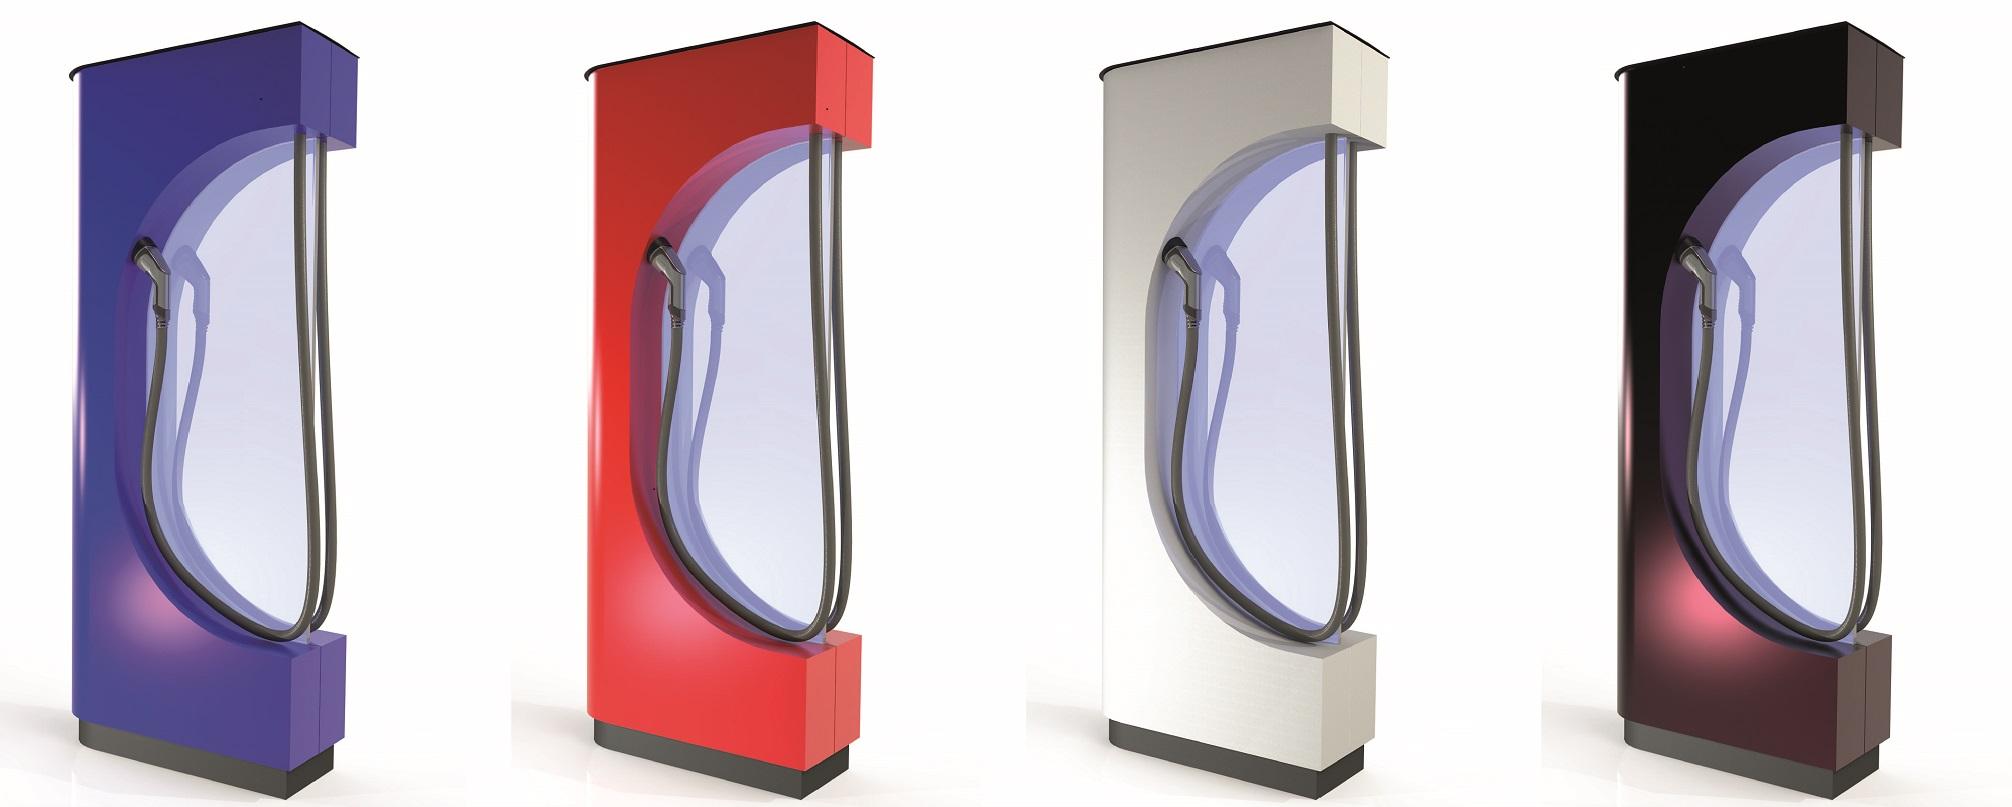 E-Ladesäulen, Stromtankstelle, E-Mobility Säule, Ladesäule, Typ 2, 22 kWh